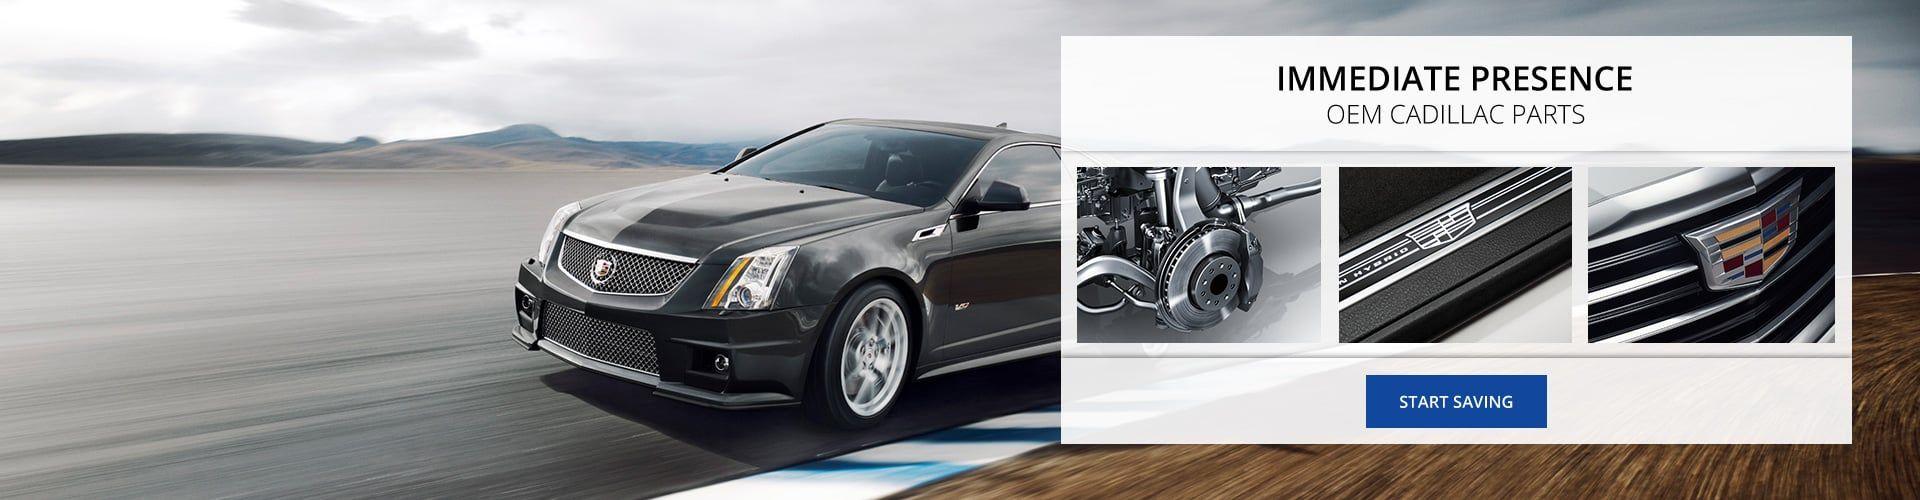 OEM Cadillac Parts